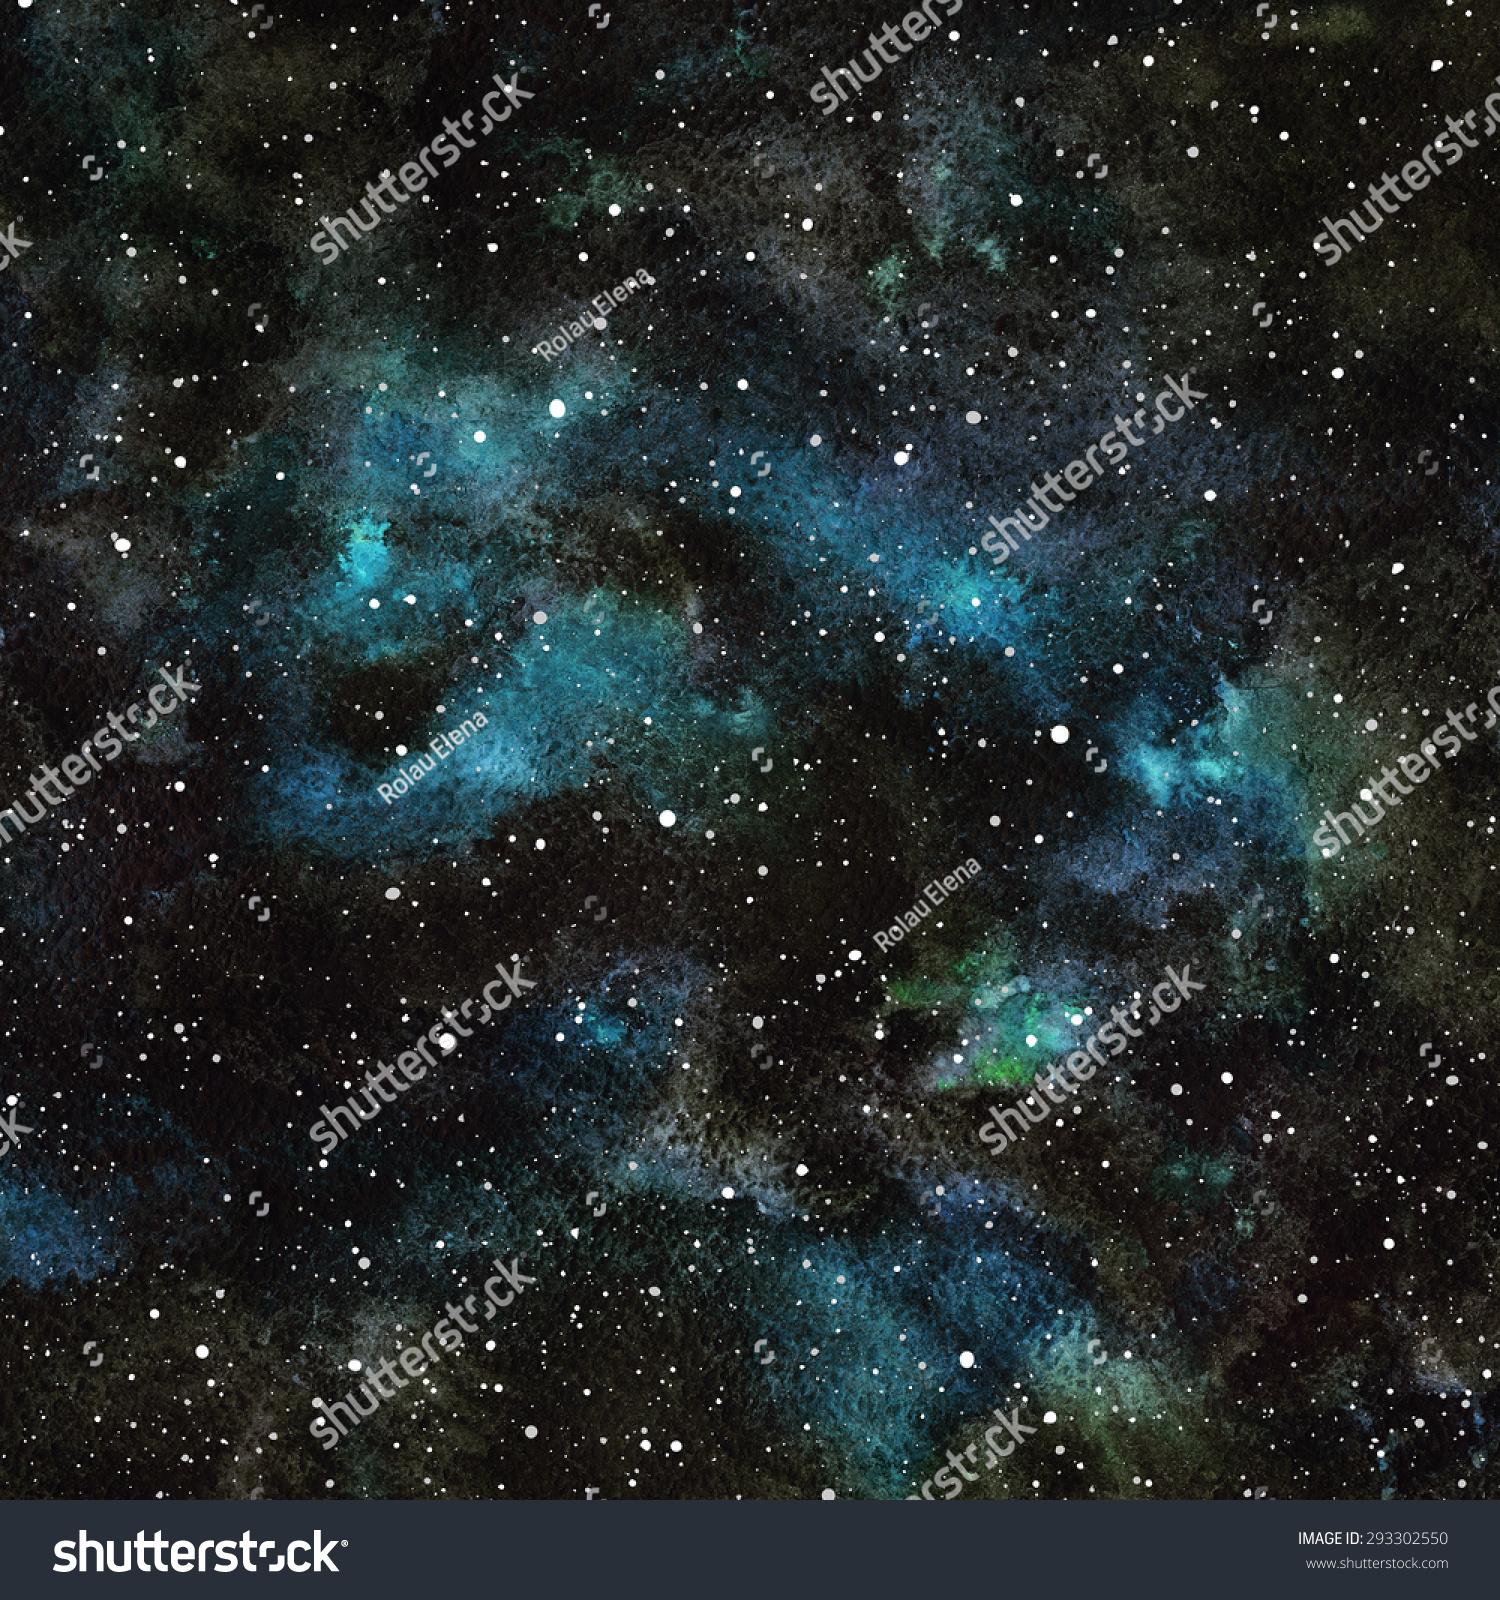 手绘水彩向量夜空的星星.宇宙背景.飞溅的纹理.黑色,.